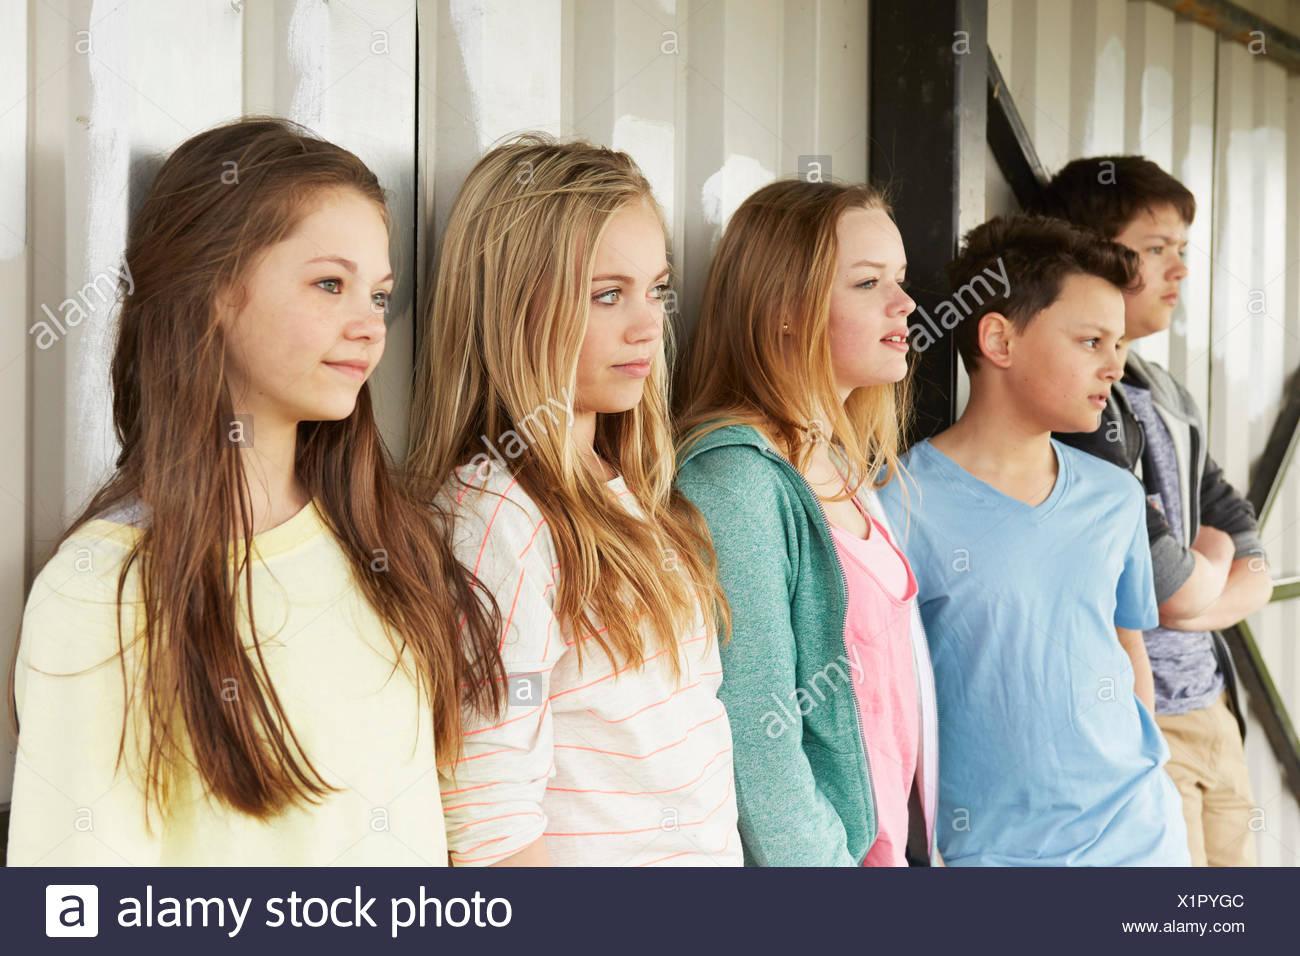 Fila de cinco niñas y niños en busca de refugio Imagen De Stock